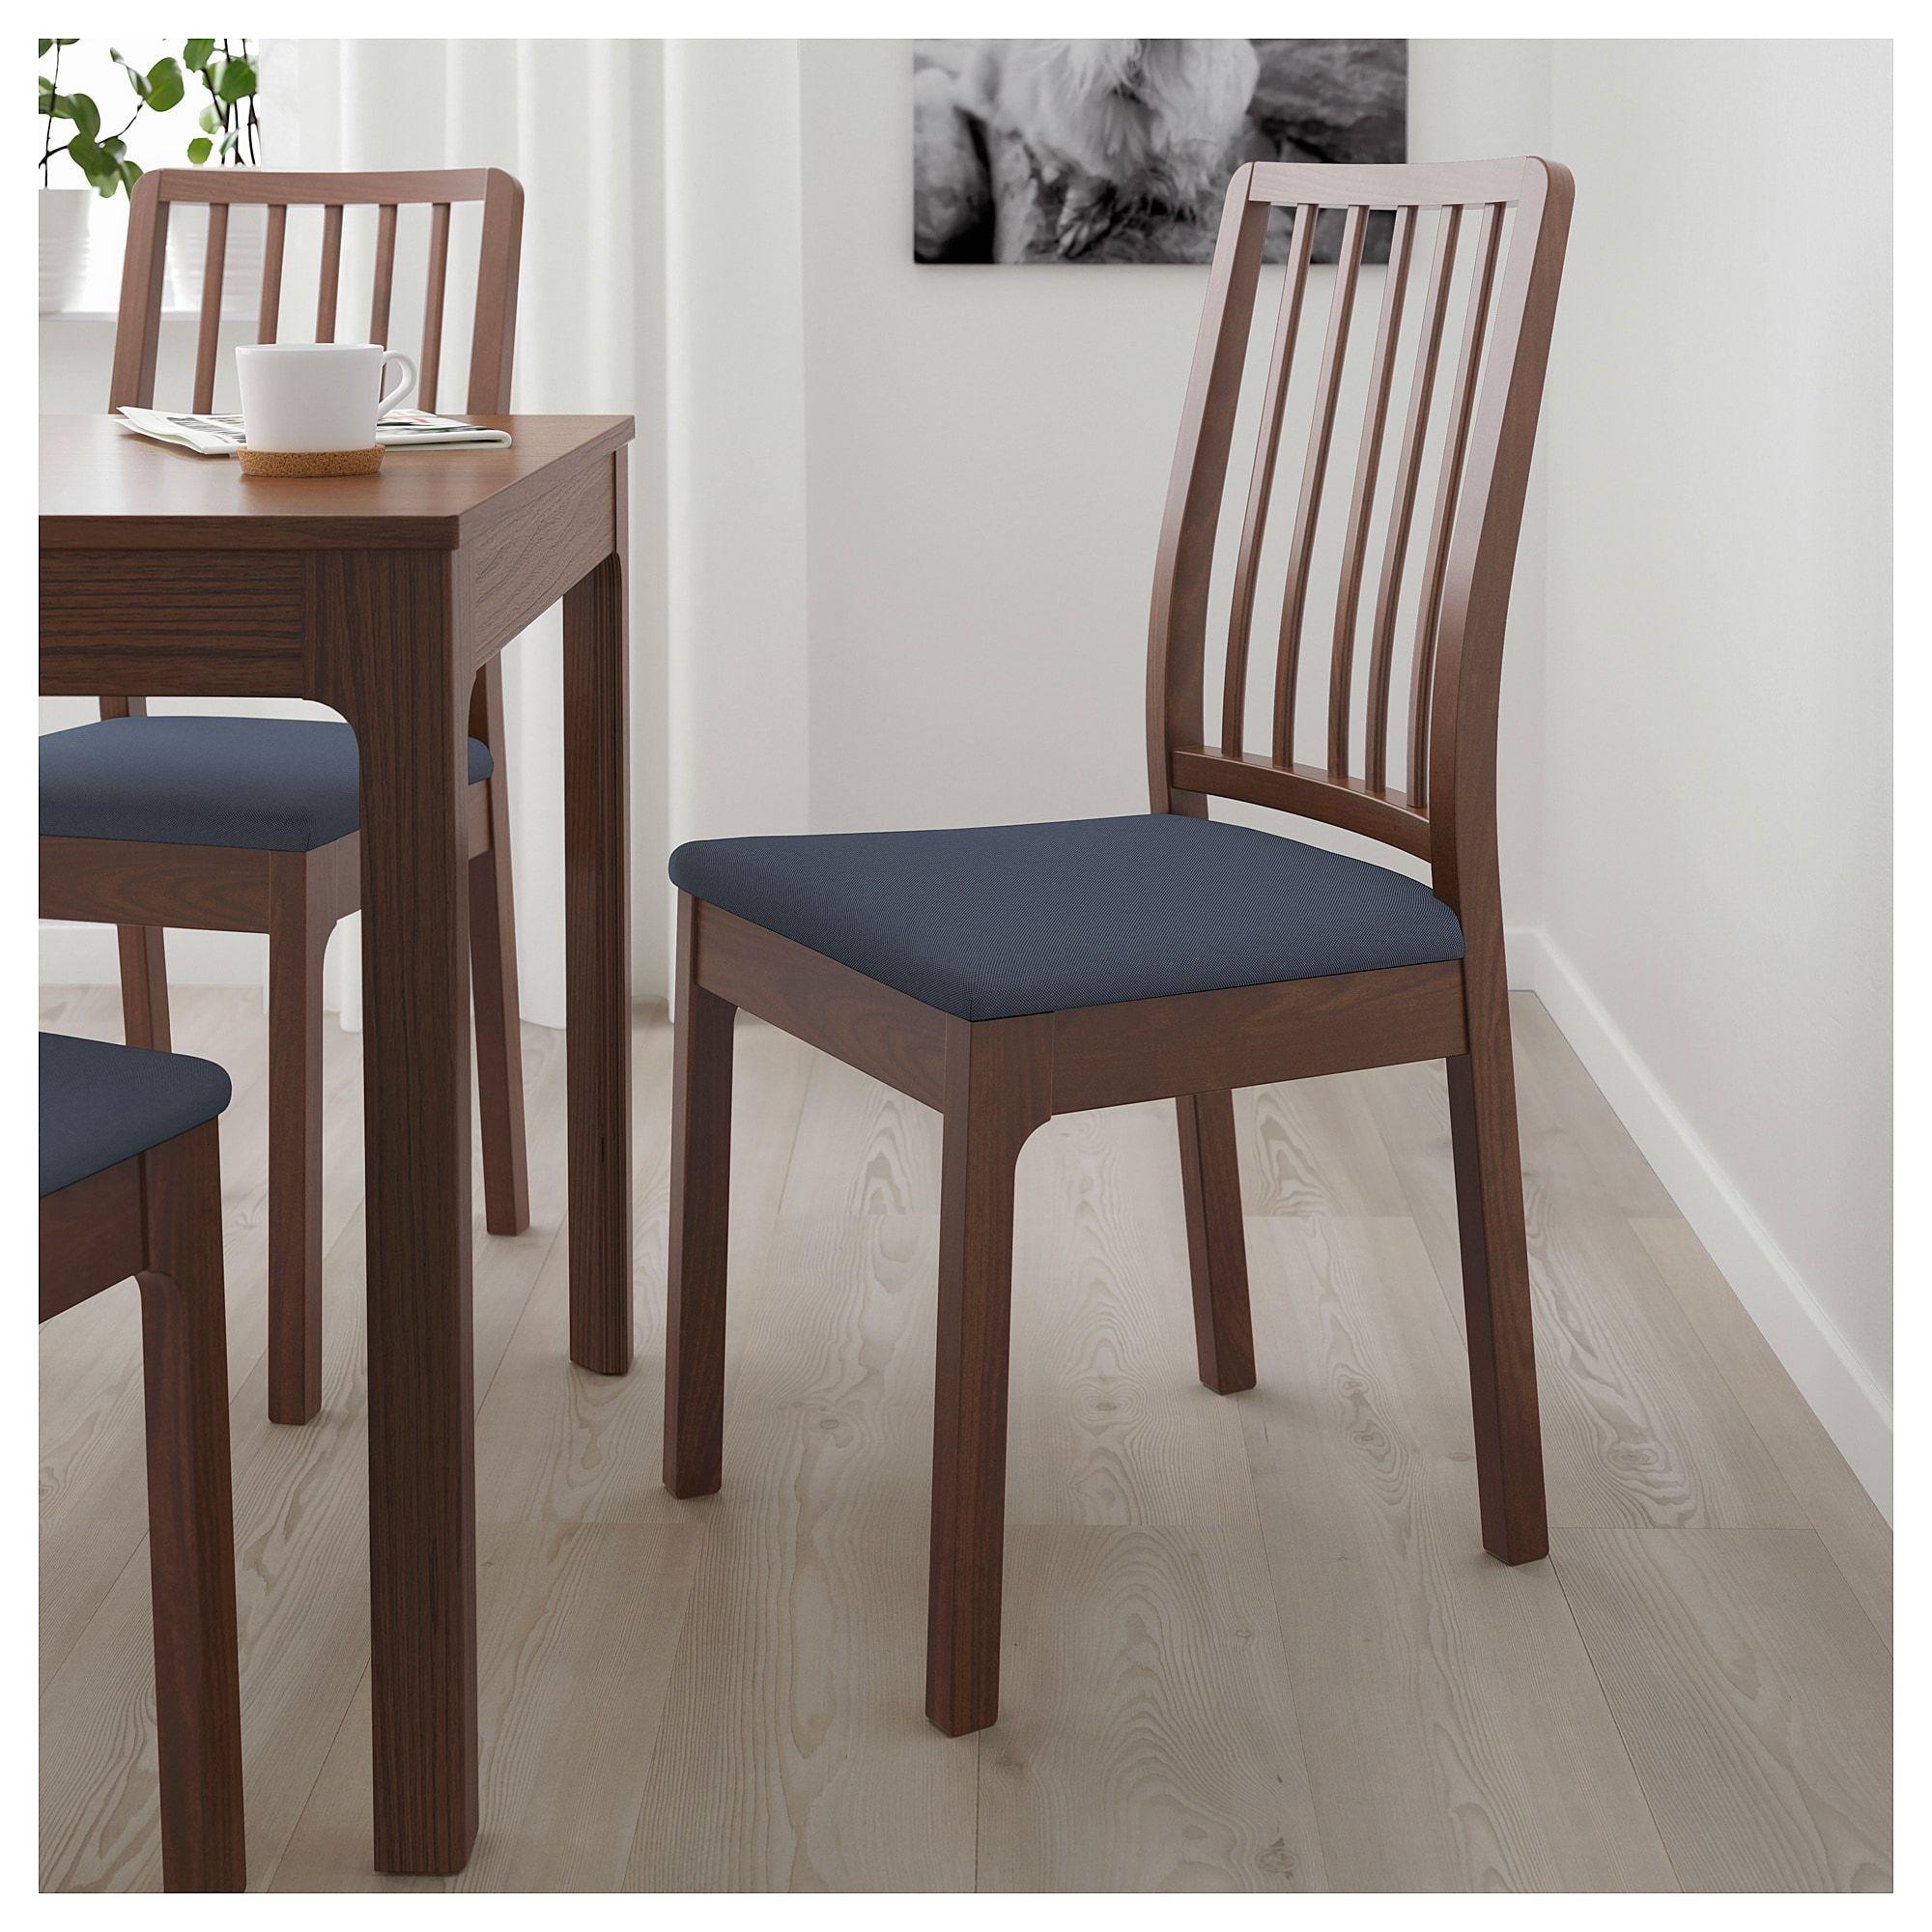 IKEA EKEDALEN Chair cover Orrsta blackblue Chair cover